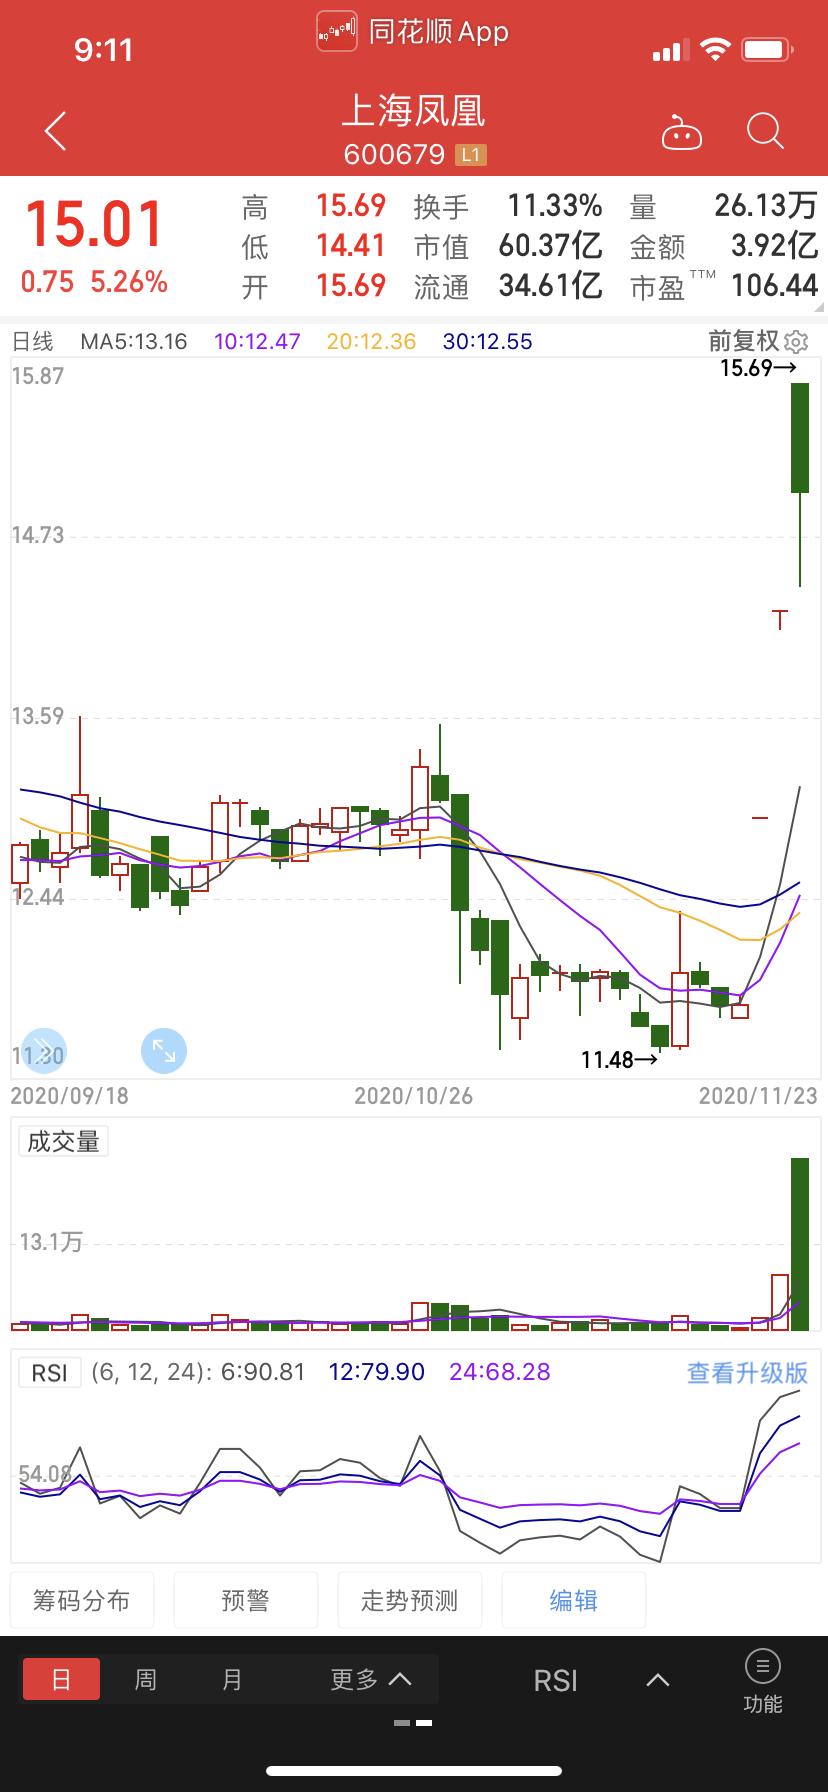 股票价格持续三个交易日总计上涨幅超20%